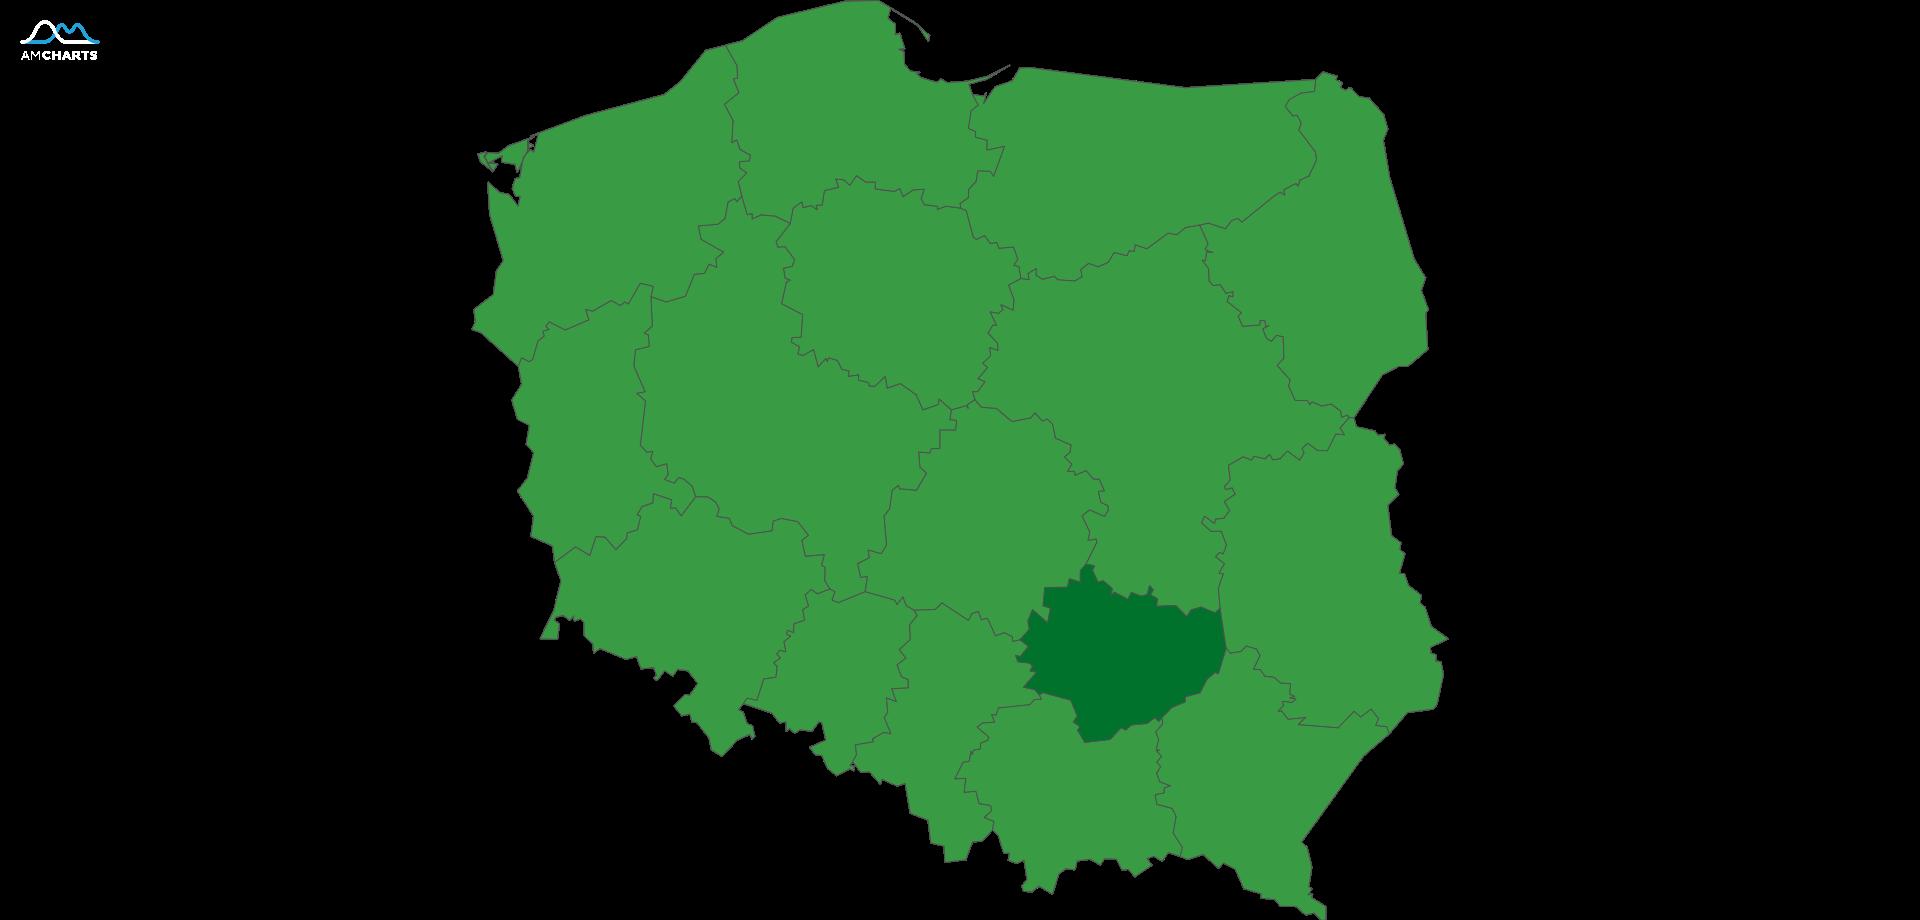 mapa wojewodztwo swietokrzyskie